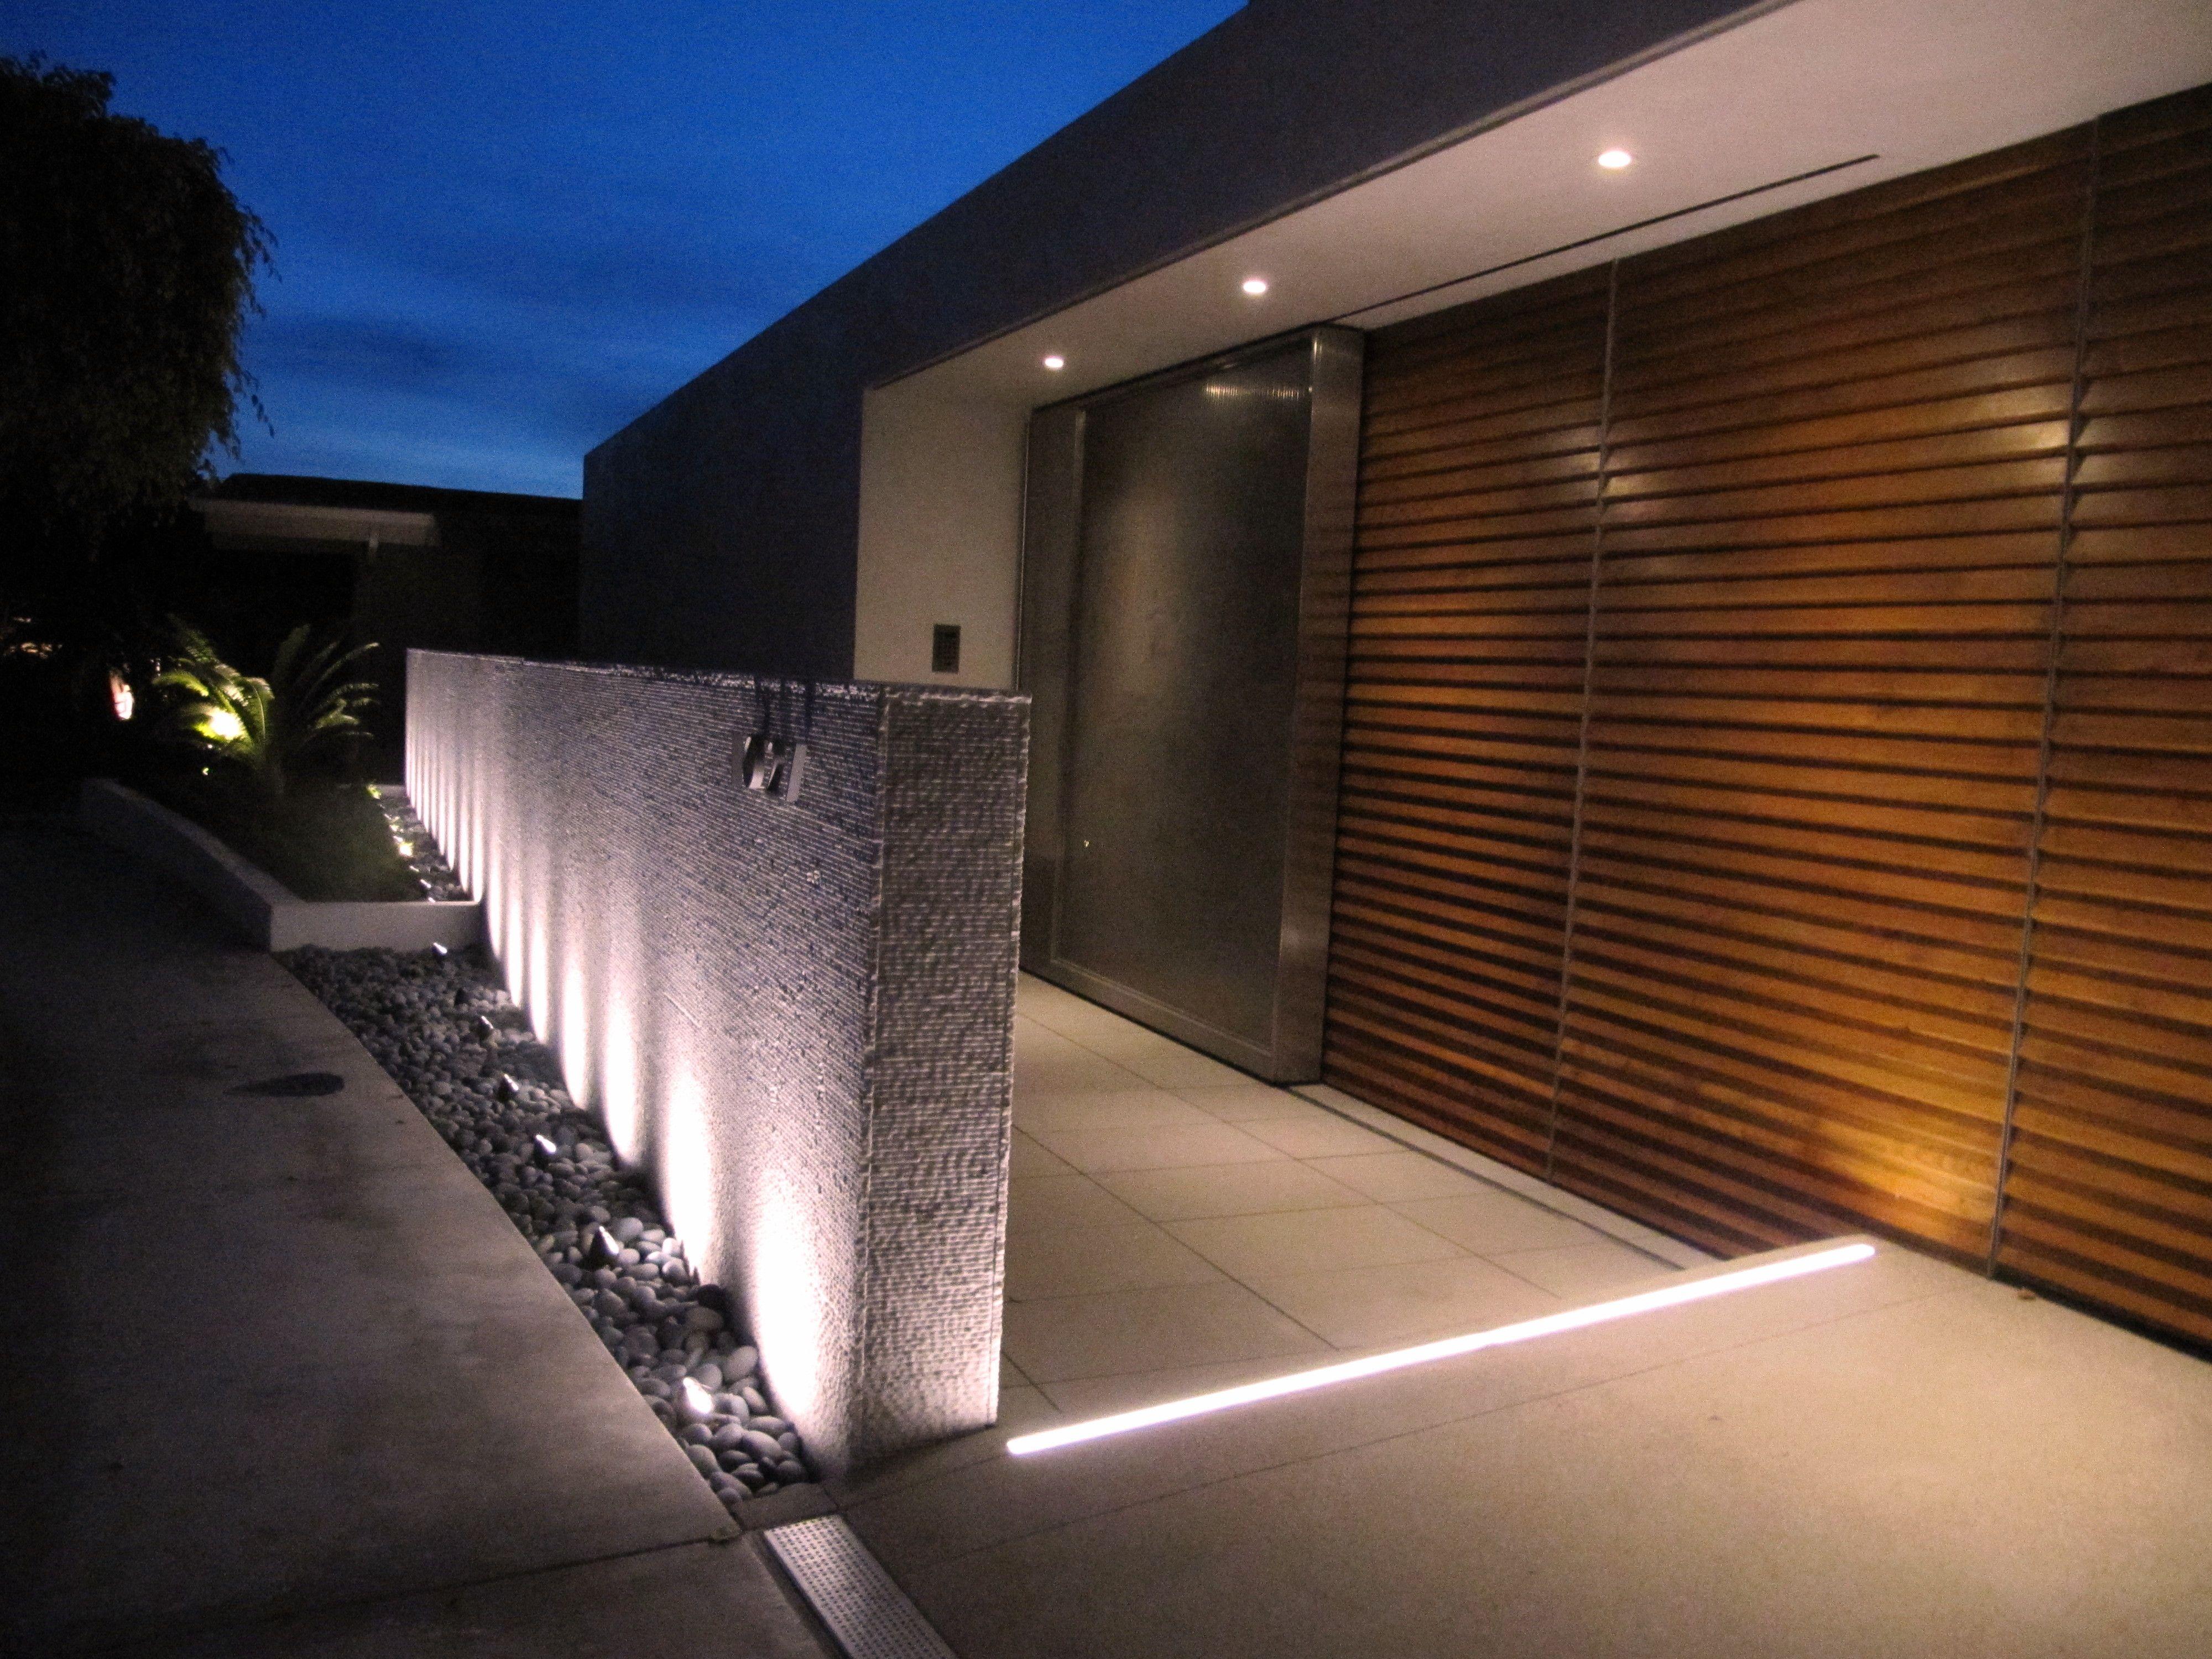 Met Led Verlichting Is Jouw Fantasie De Grens Van Het Mogelijke Www Led Verlichting Org Architectural Lighting Design Garden Lighting Diy Exterior Lighting